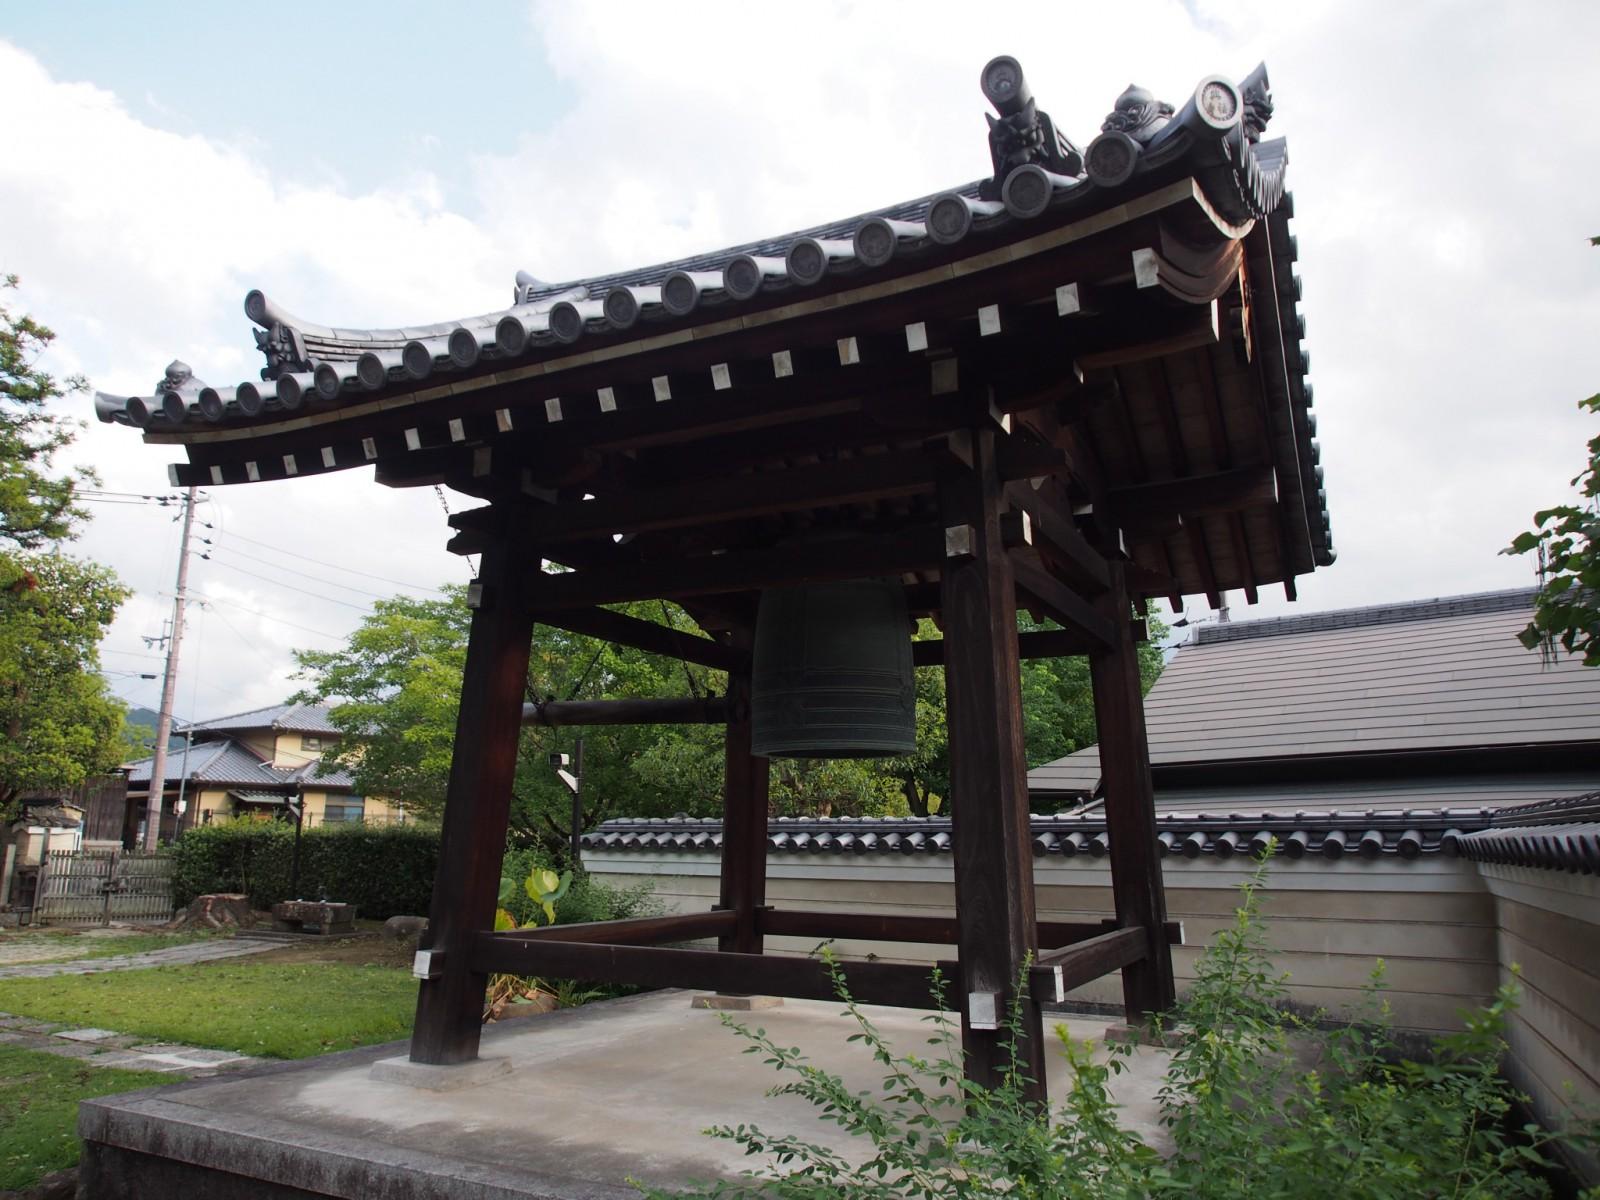 興福寺菩提院の鐘楼(十三鐘)